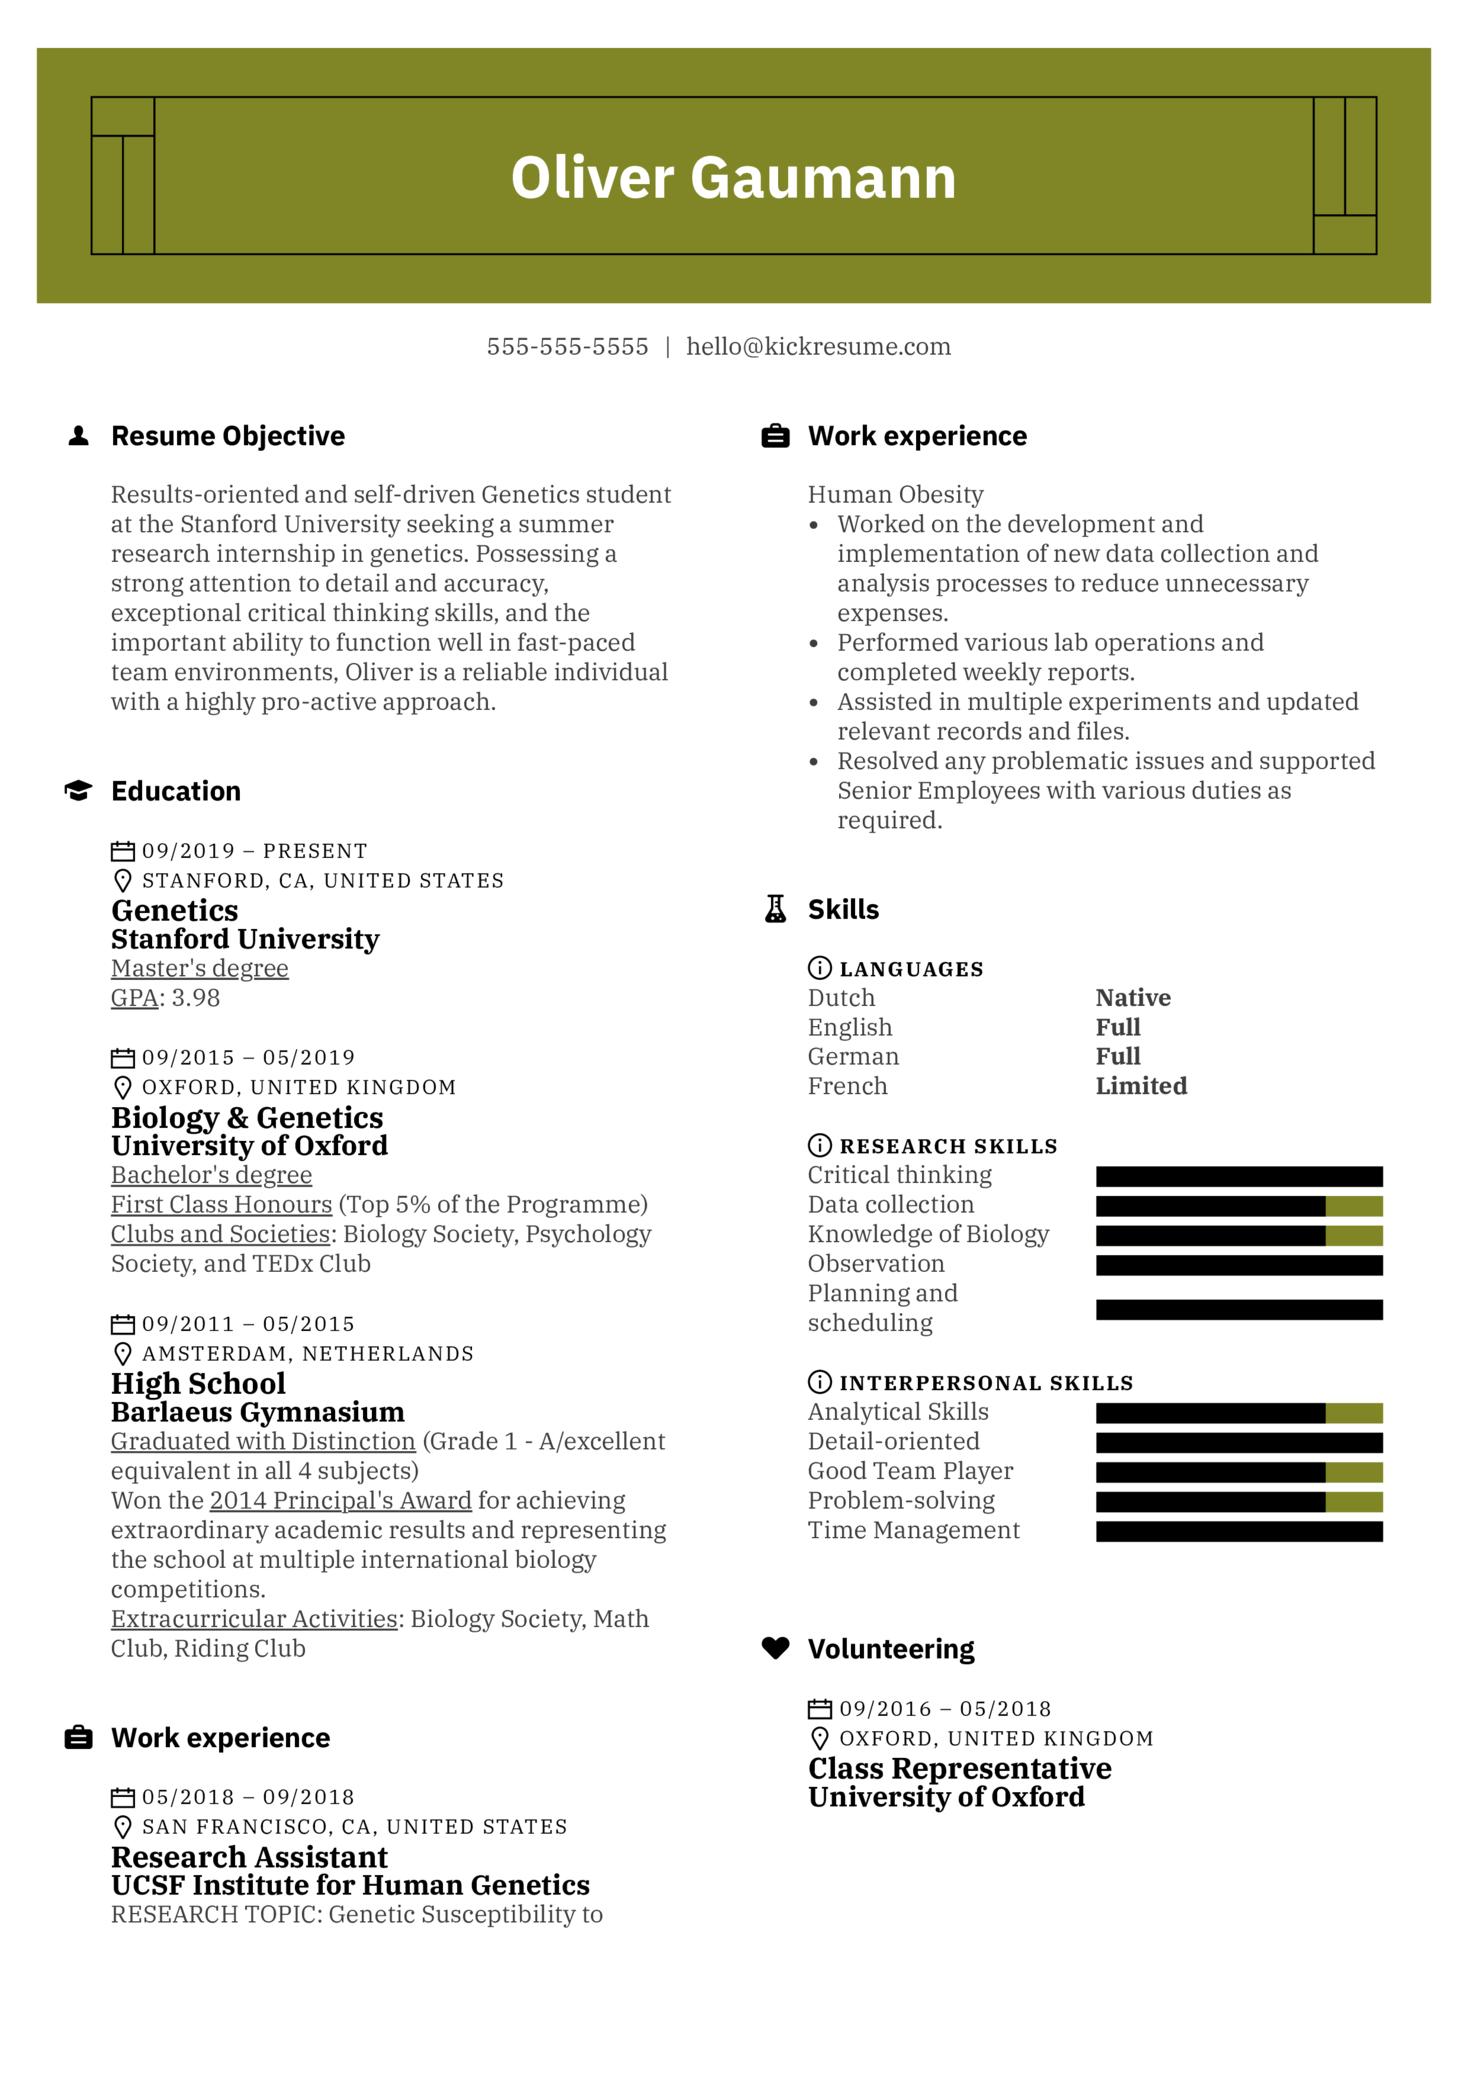 Free Academic Resume Example (parte 1)